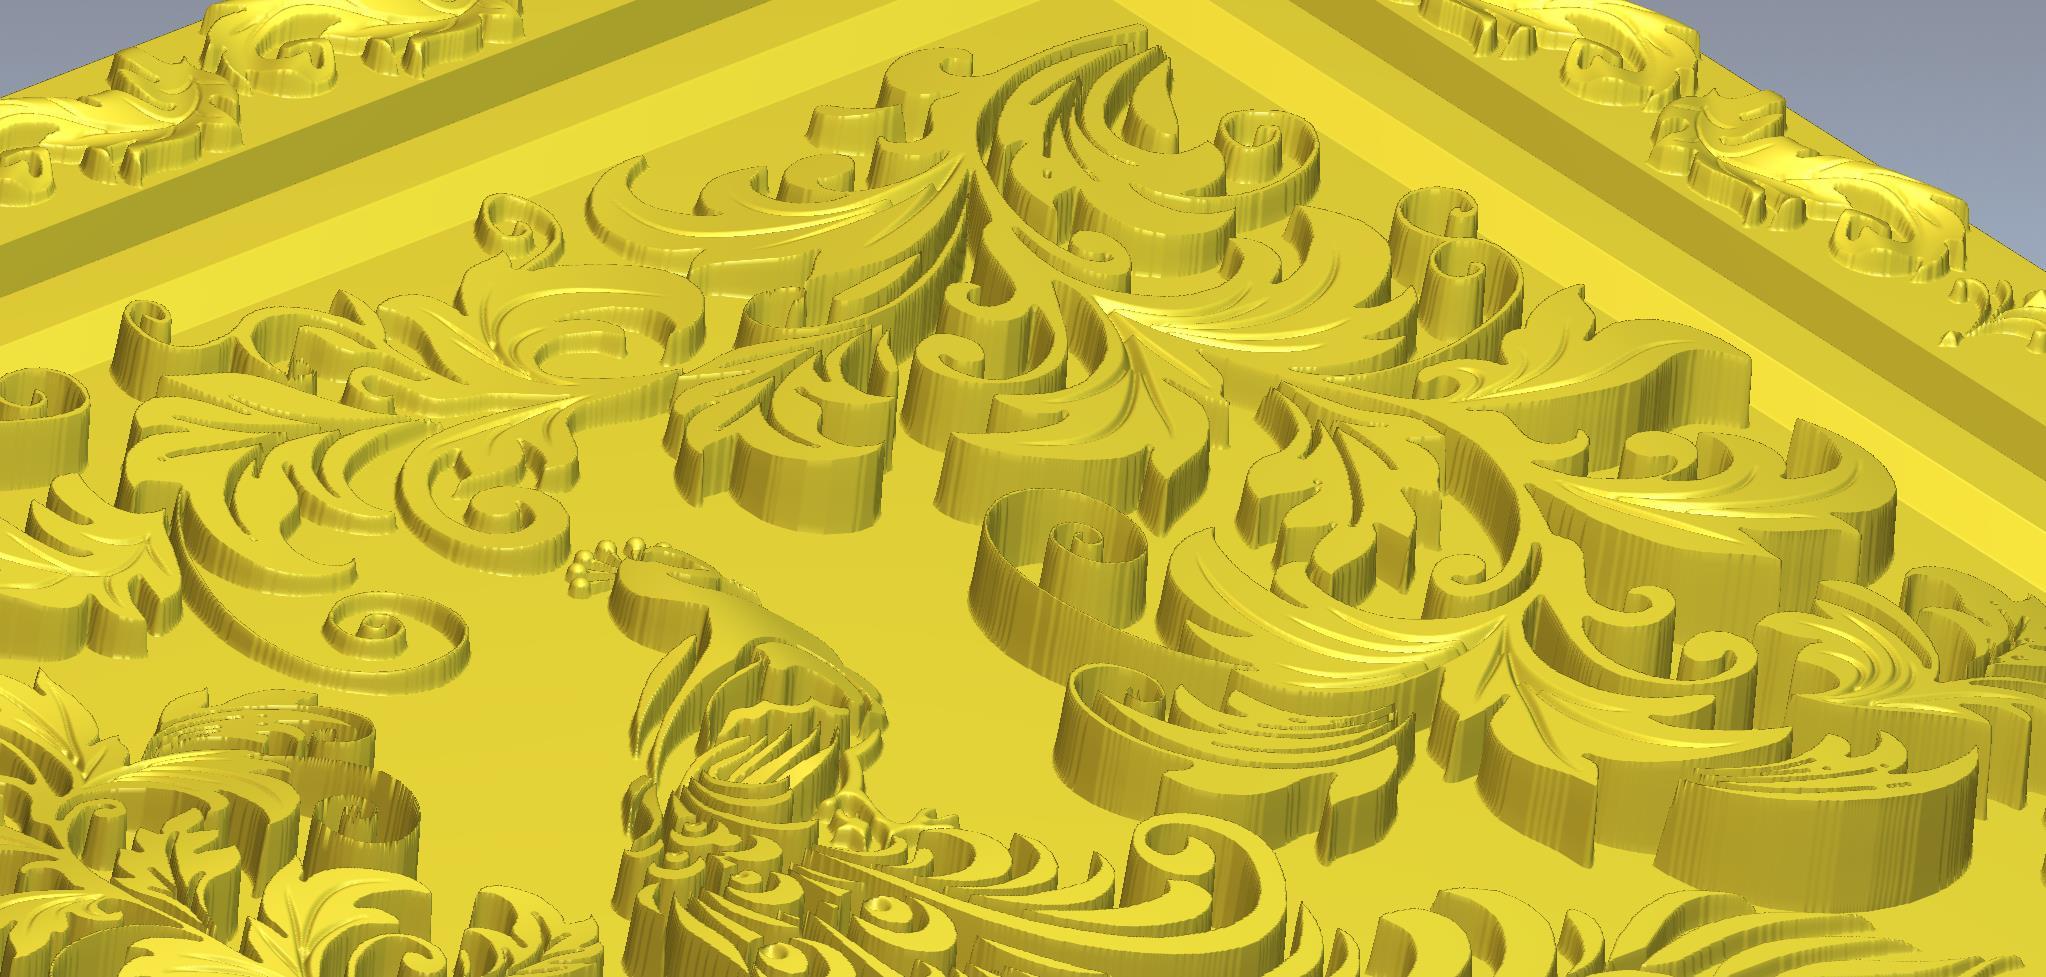 मोर 3d max vray 3.0 में प्रस्तुत छवि